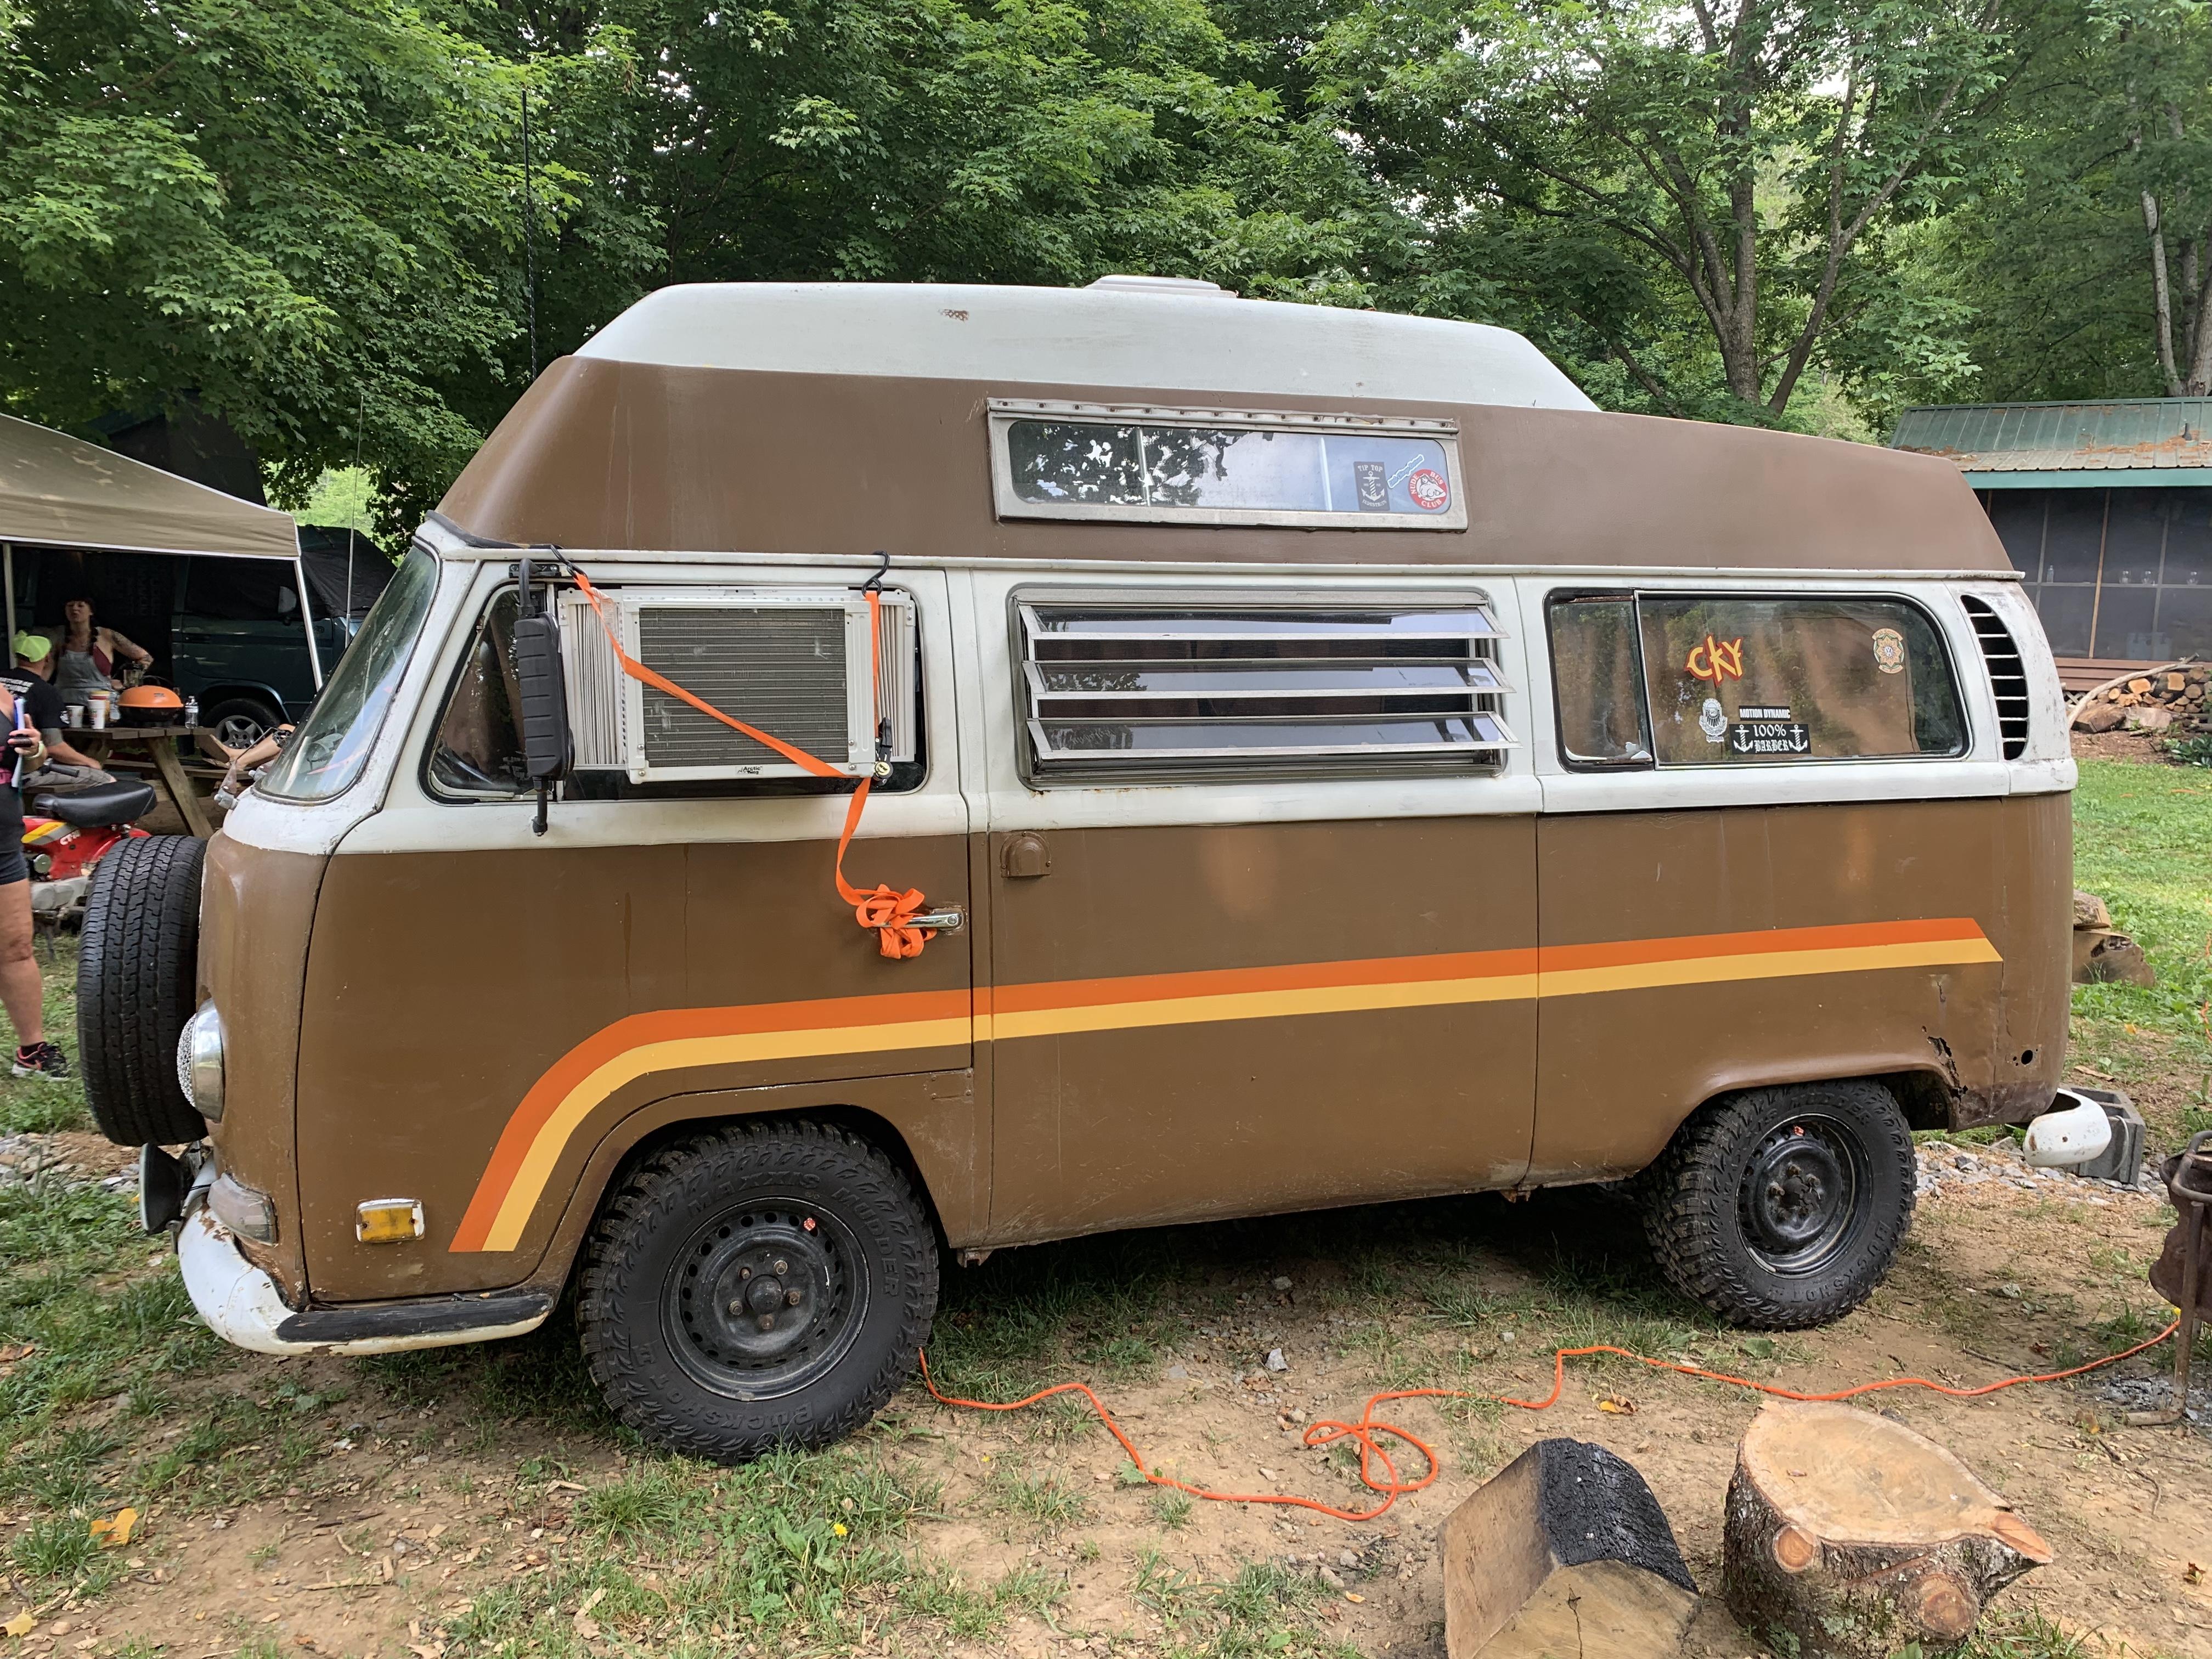 Tyler Hatfield's VW Camper